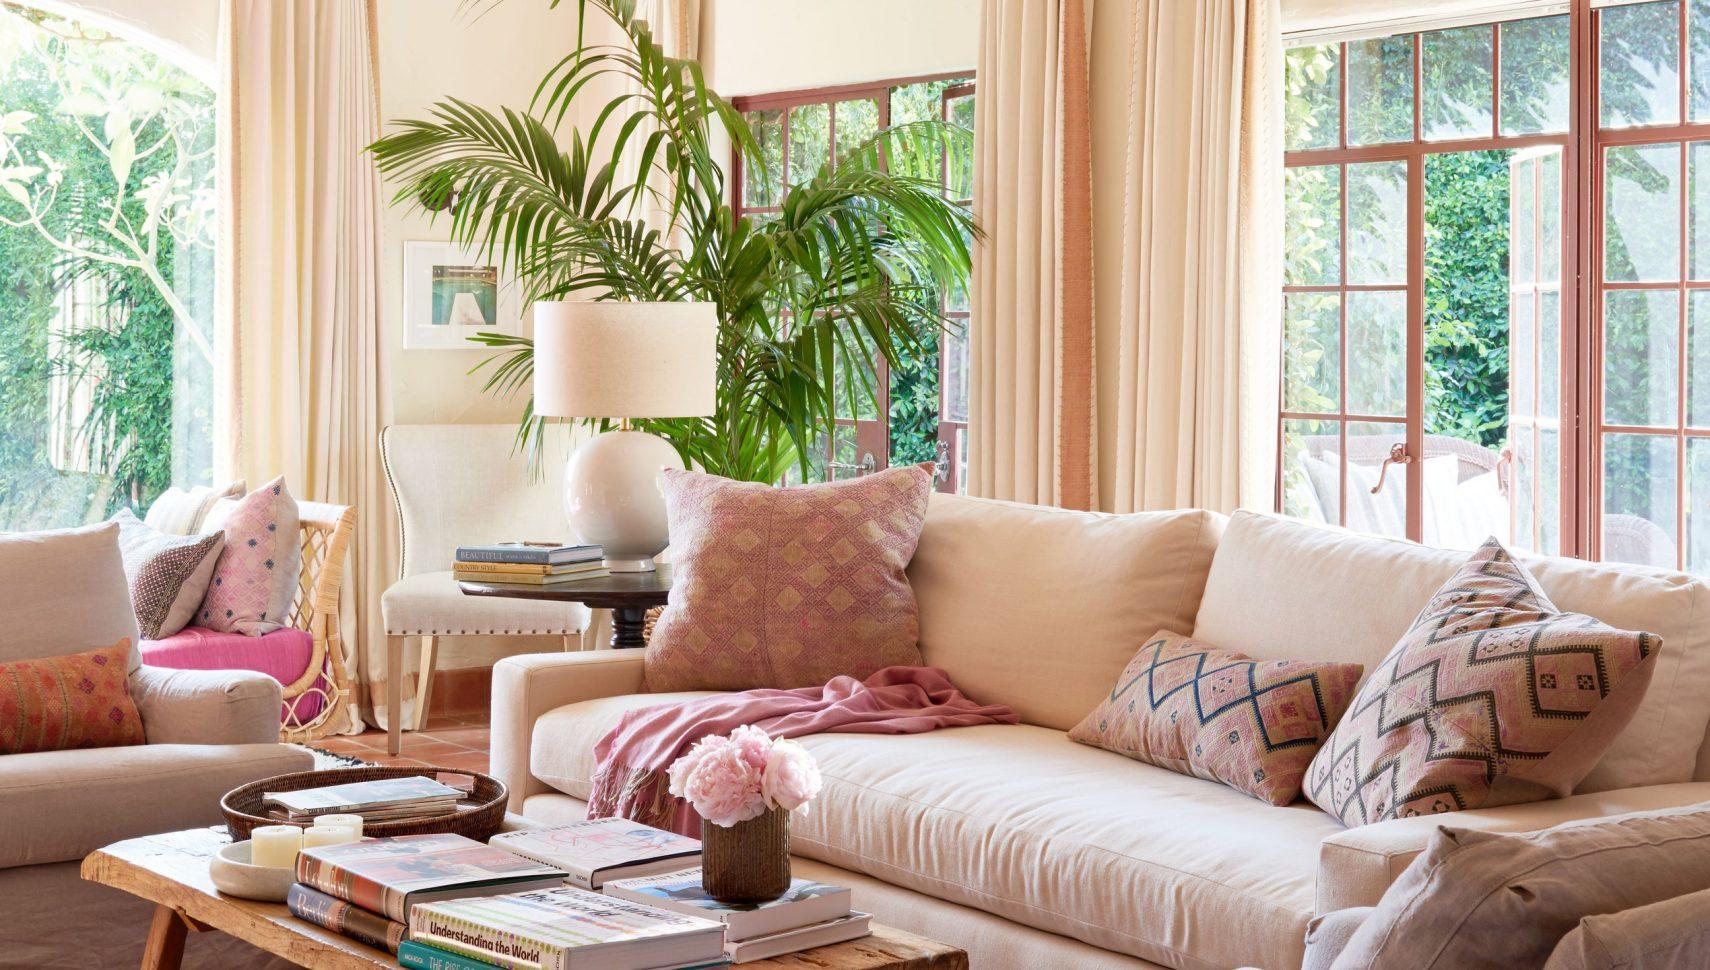 Nancy Meyers' Home Again